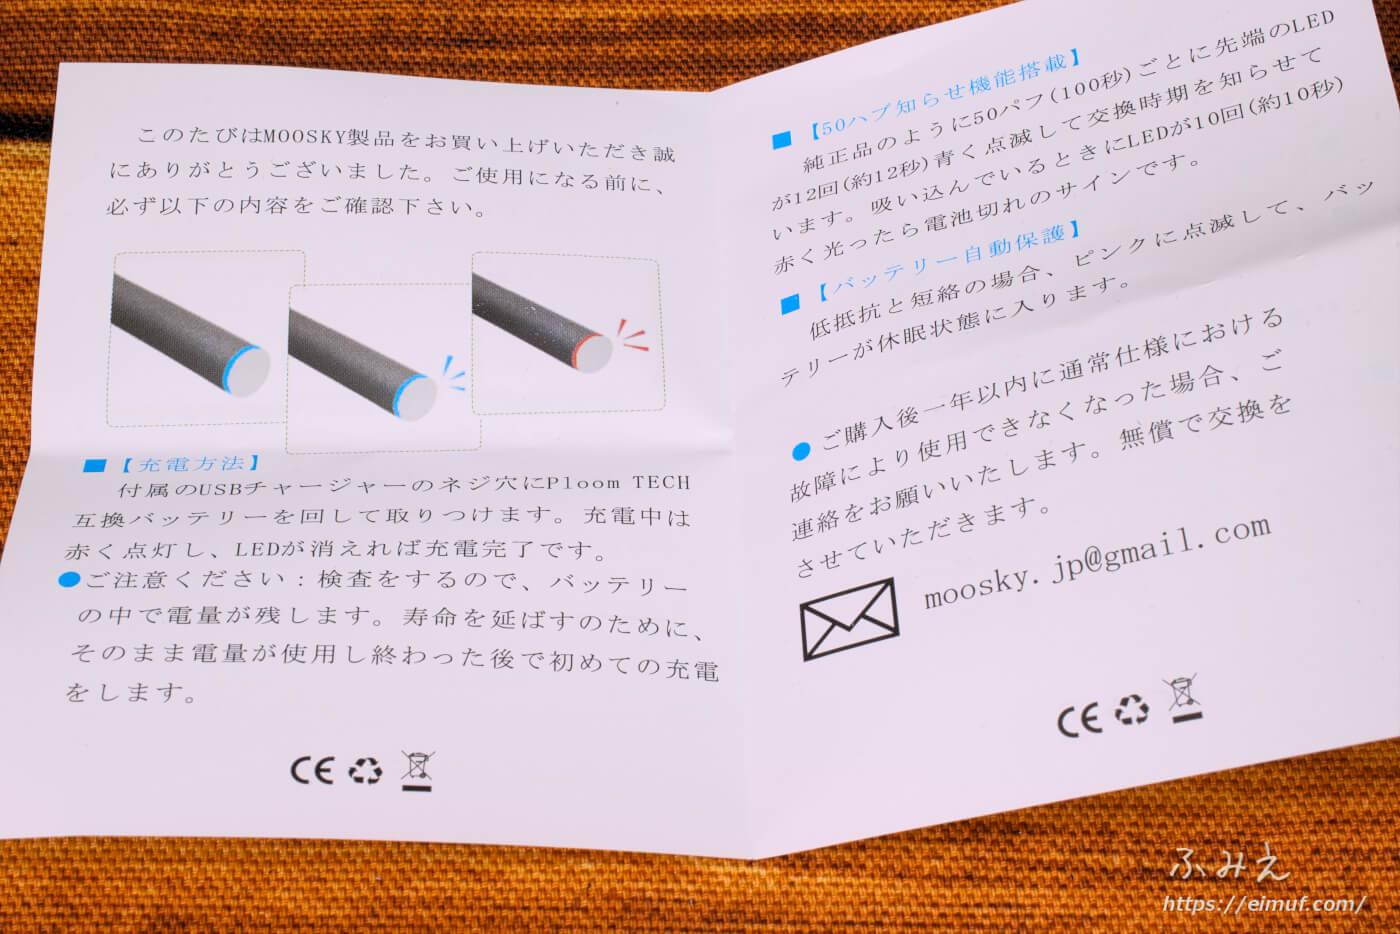 プルームテック互換バッテリー「Moosky(改良版)」の取扱説明書